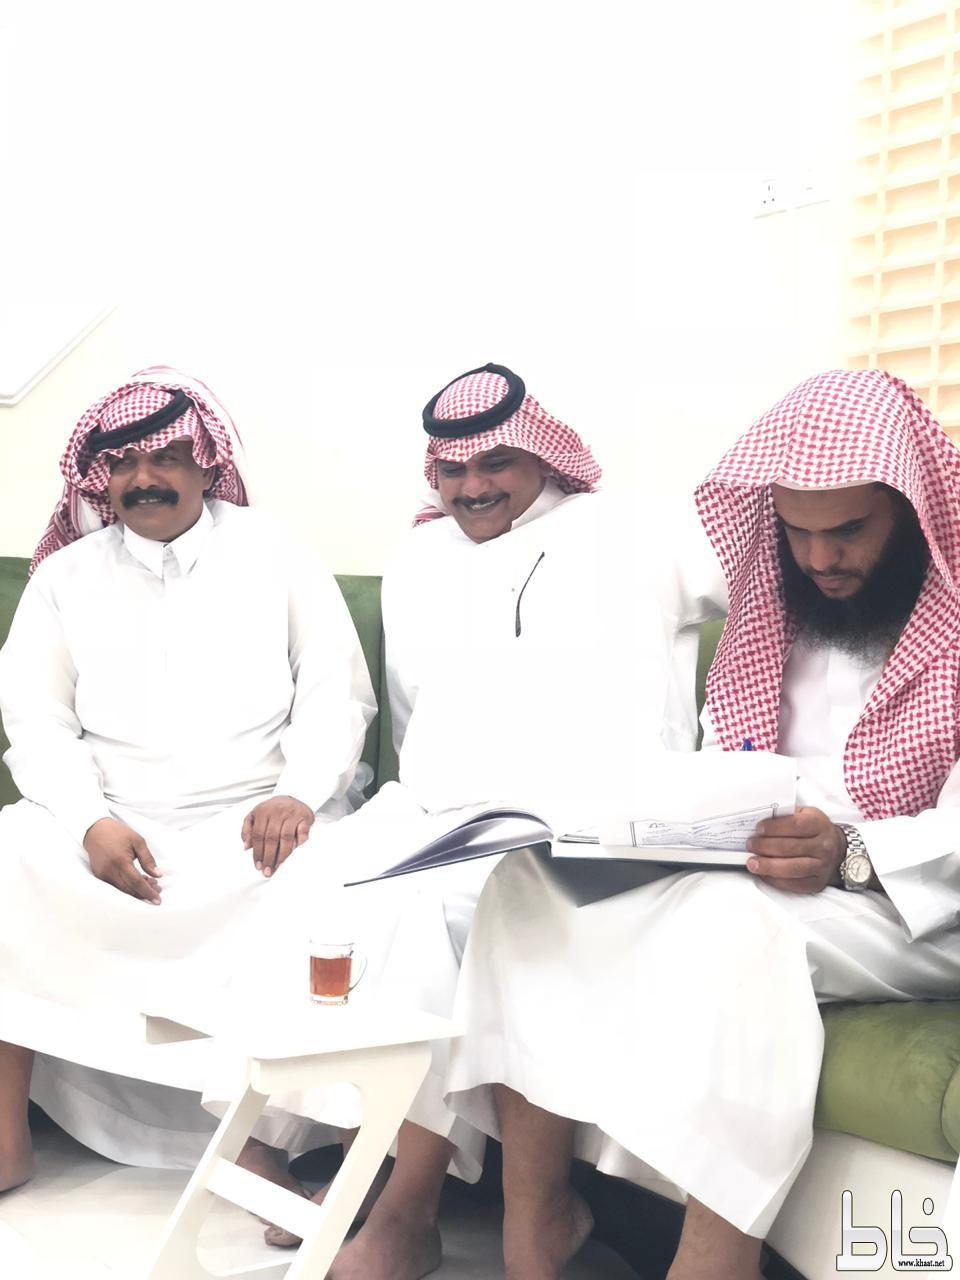 سلطان محمد بلحرش يحتفل بعقد قرانه